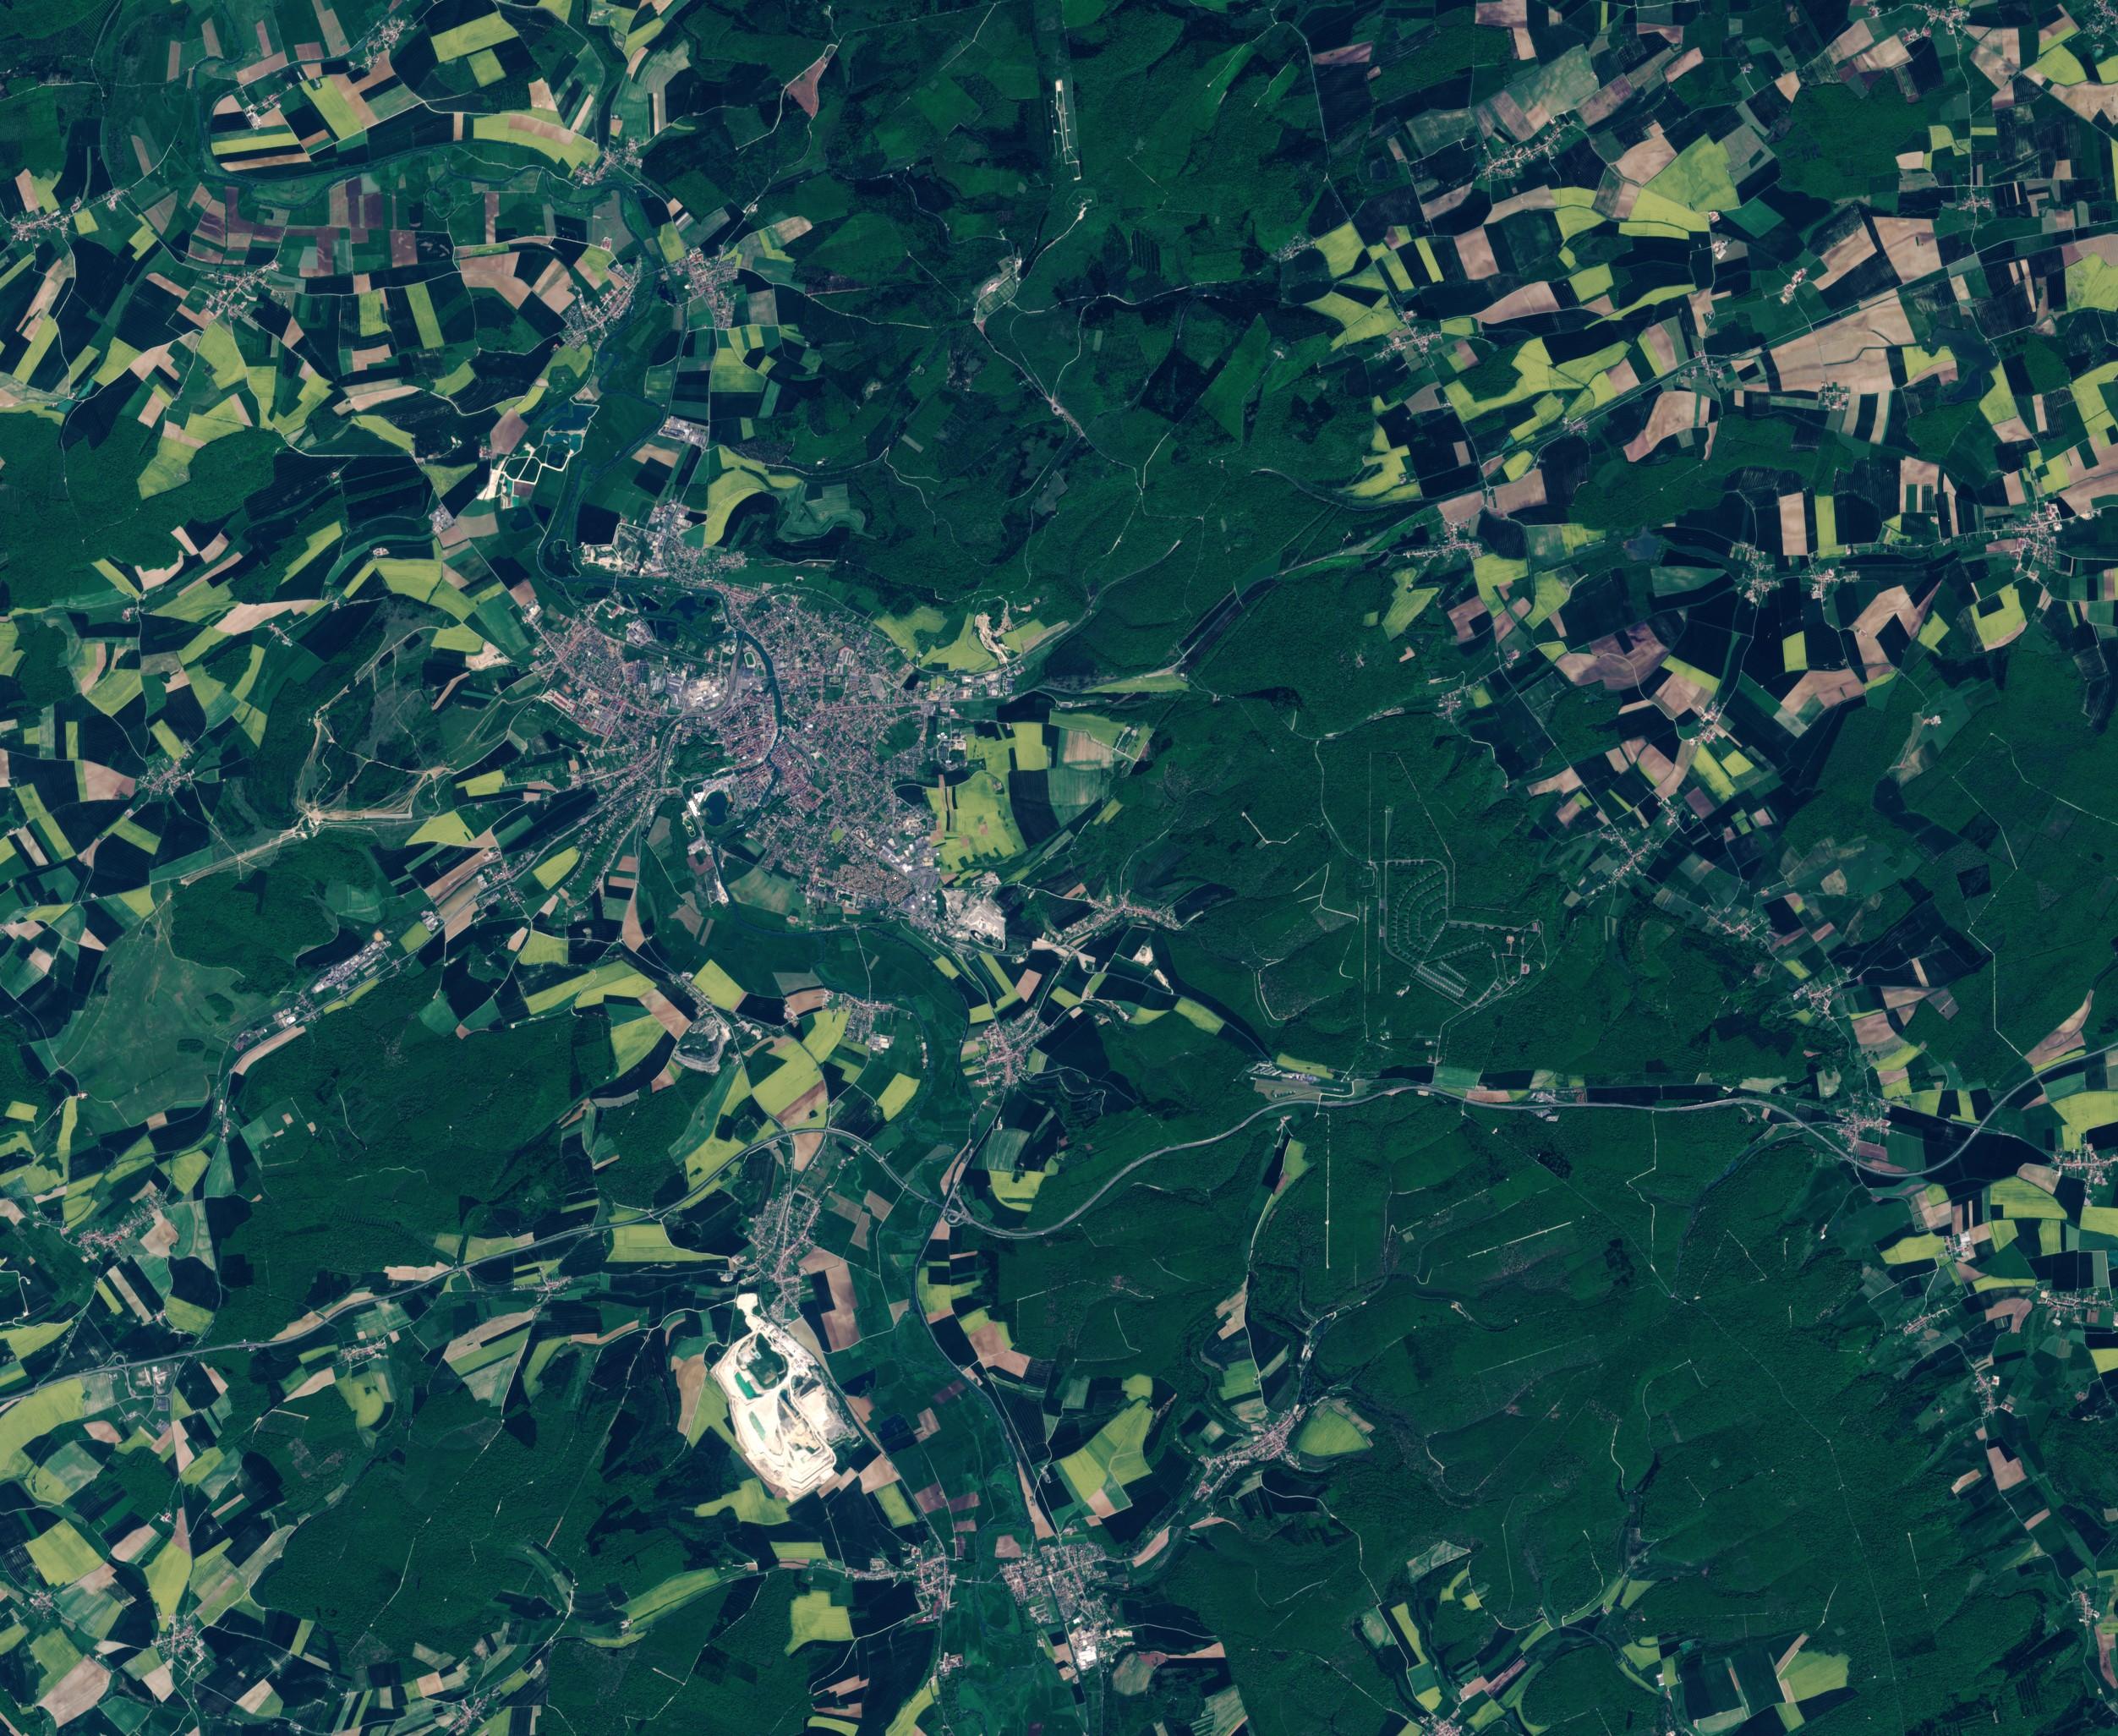 Verdun - Forêt de Verdun - Bataille de Verdun - Zone rouge - Centenaire - Douaumont - satellite Sentinel-2 - ESA - Mai 2016